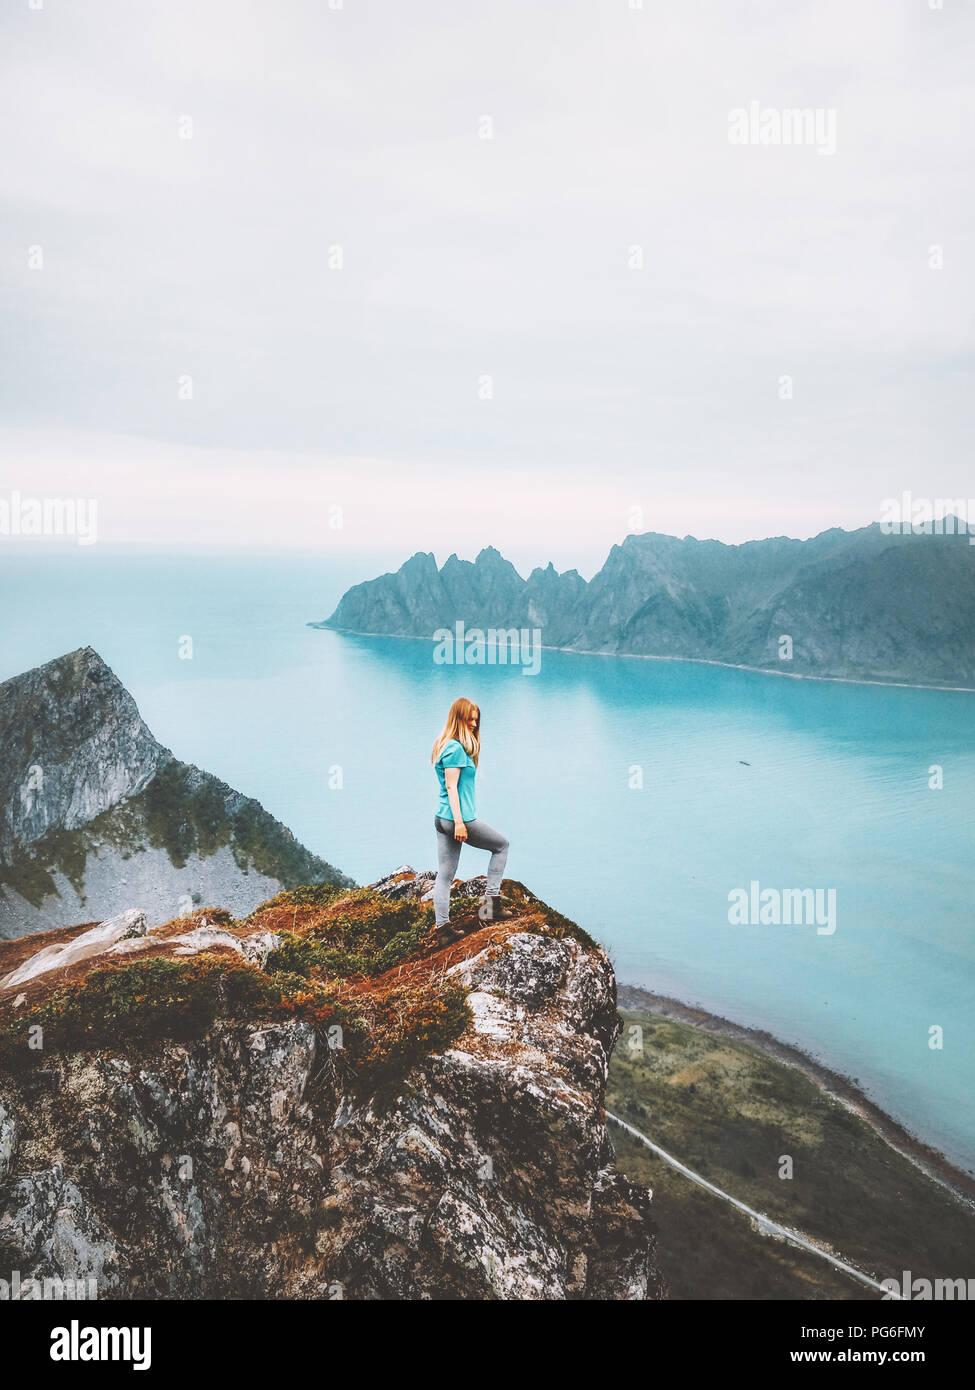 Vacaciones de verano viajar viaje viajero mujer sobre montaña acantilado sobre el mar solo caminata en Noruega en el estilo de vida de aventura escapada de fin de semana Foto de stock